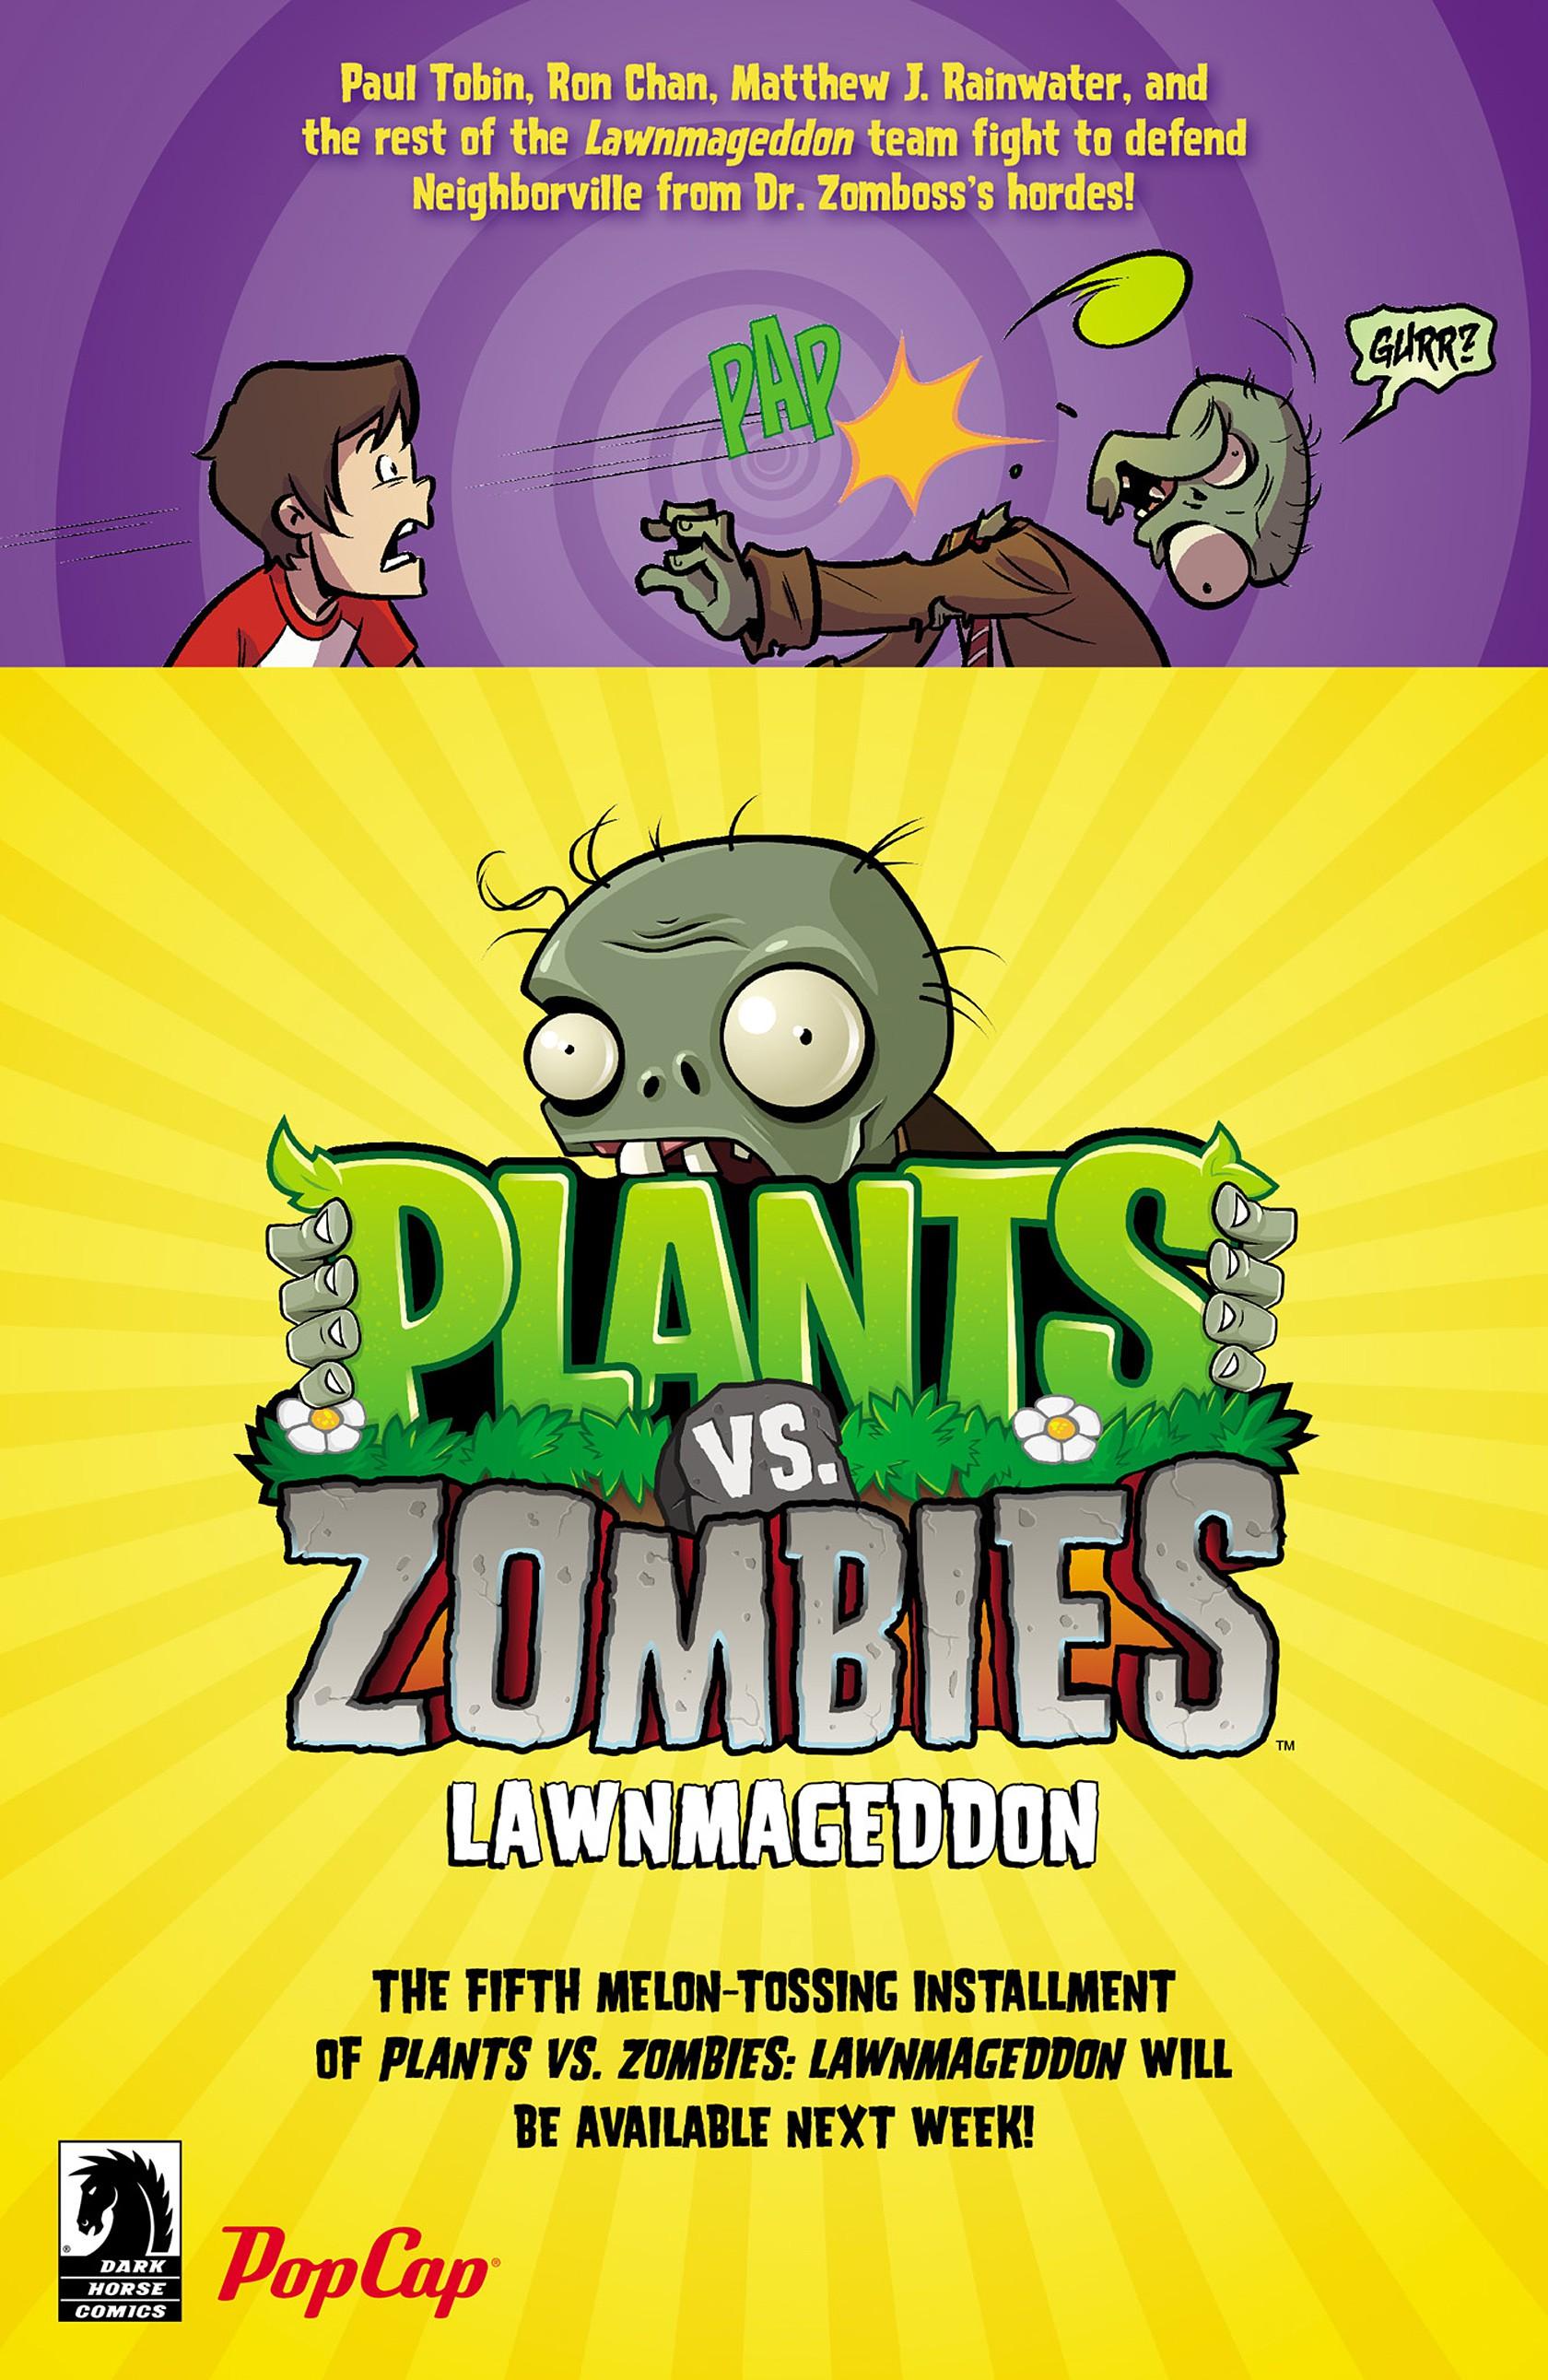 formatfactoryplants_vs_zombies_004-015.jpg